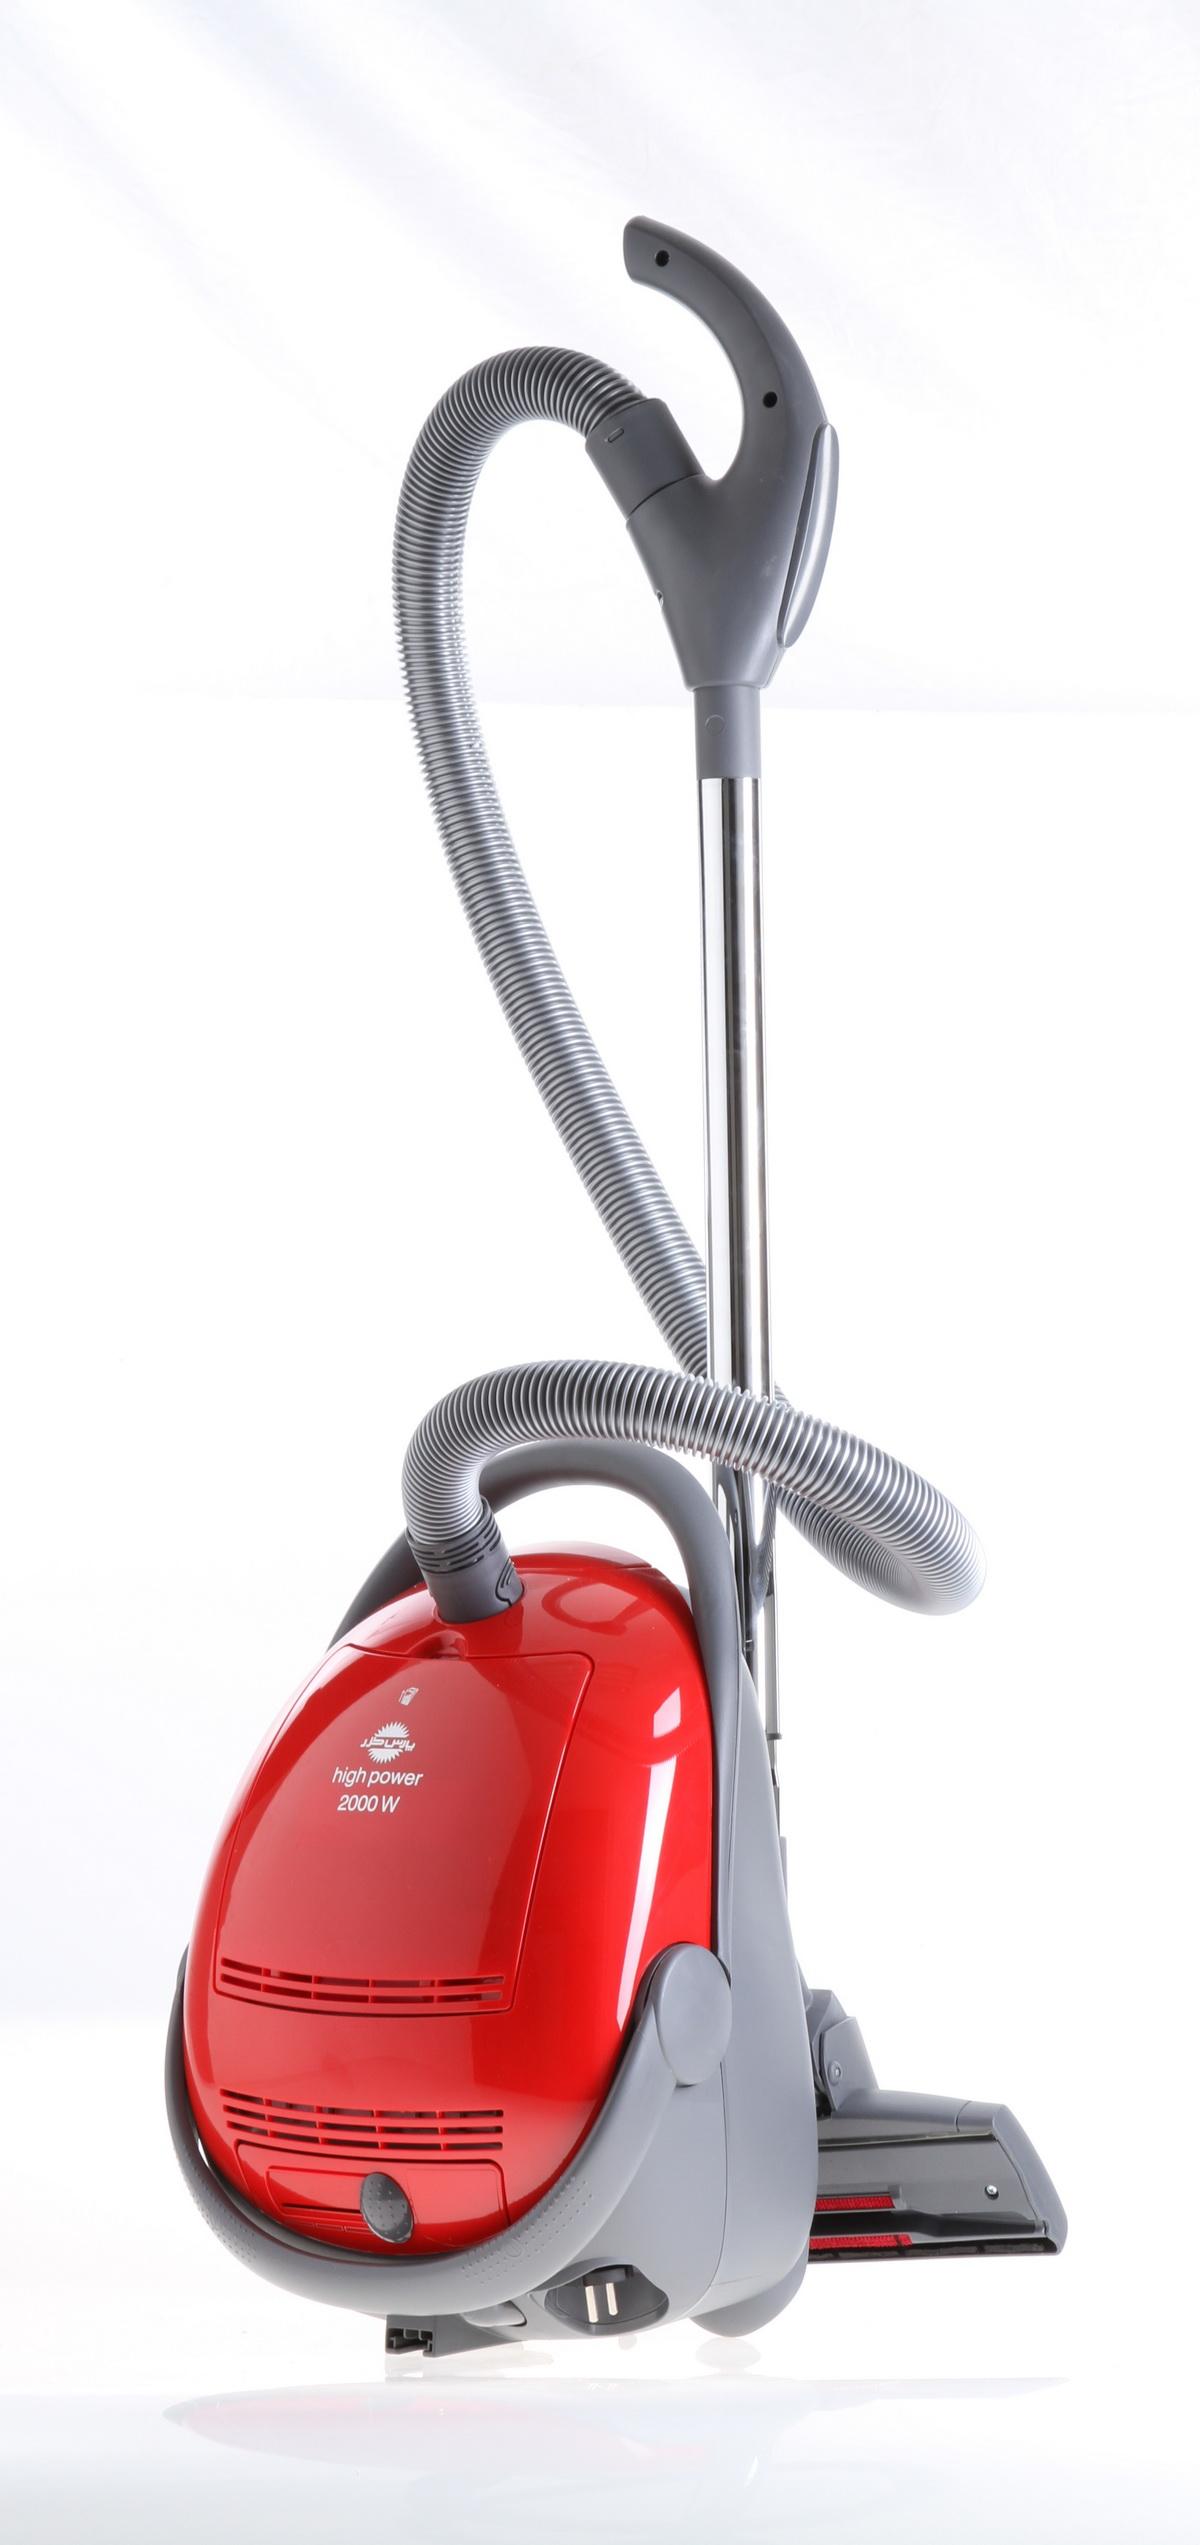 پاکت  (کیسه) جاروبرقی پارس خزر مدل 2000 (پاکت 2000)